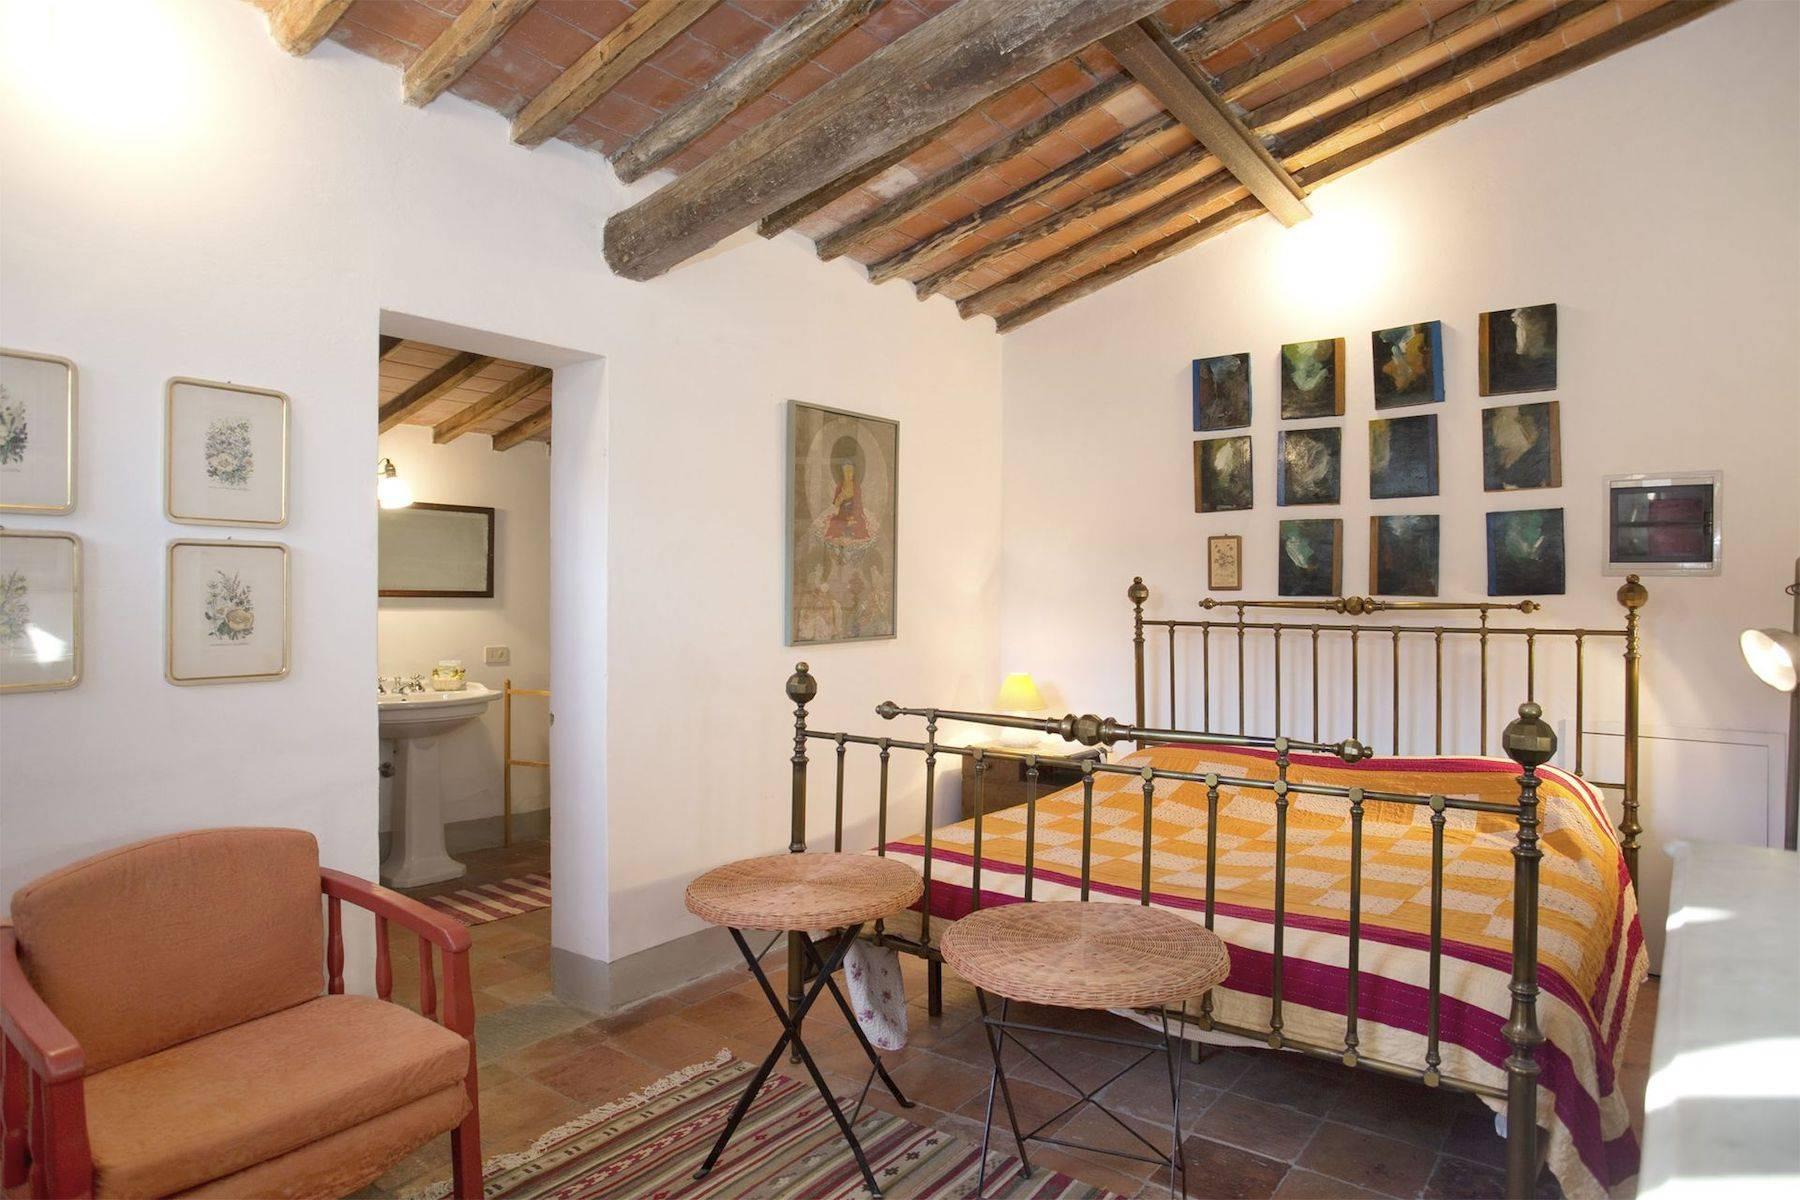 Villa in Vendita a Rignano Sull'Arno: 5 locali, 550 mq - Foto 24